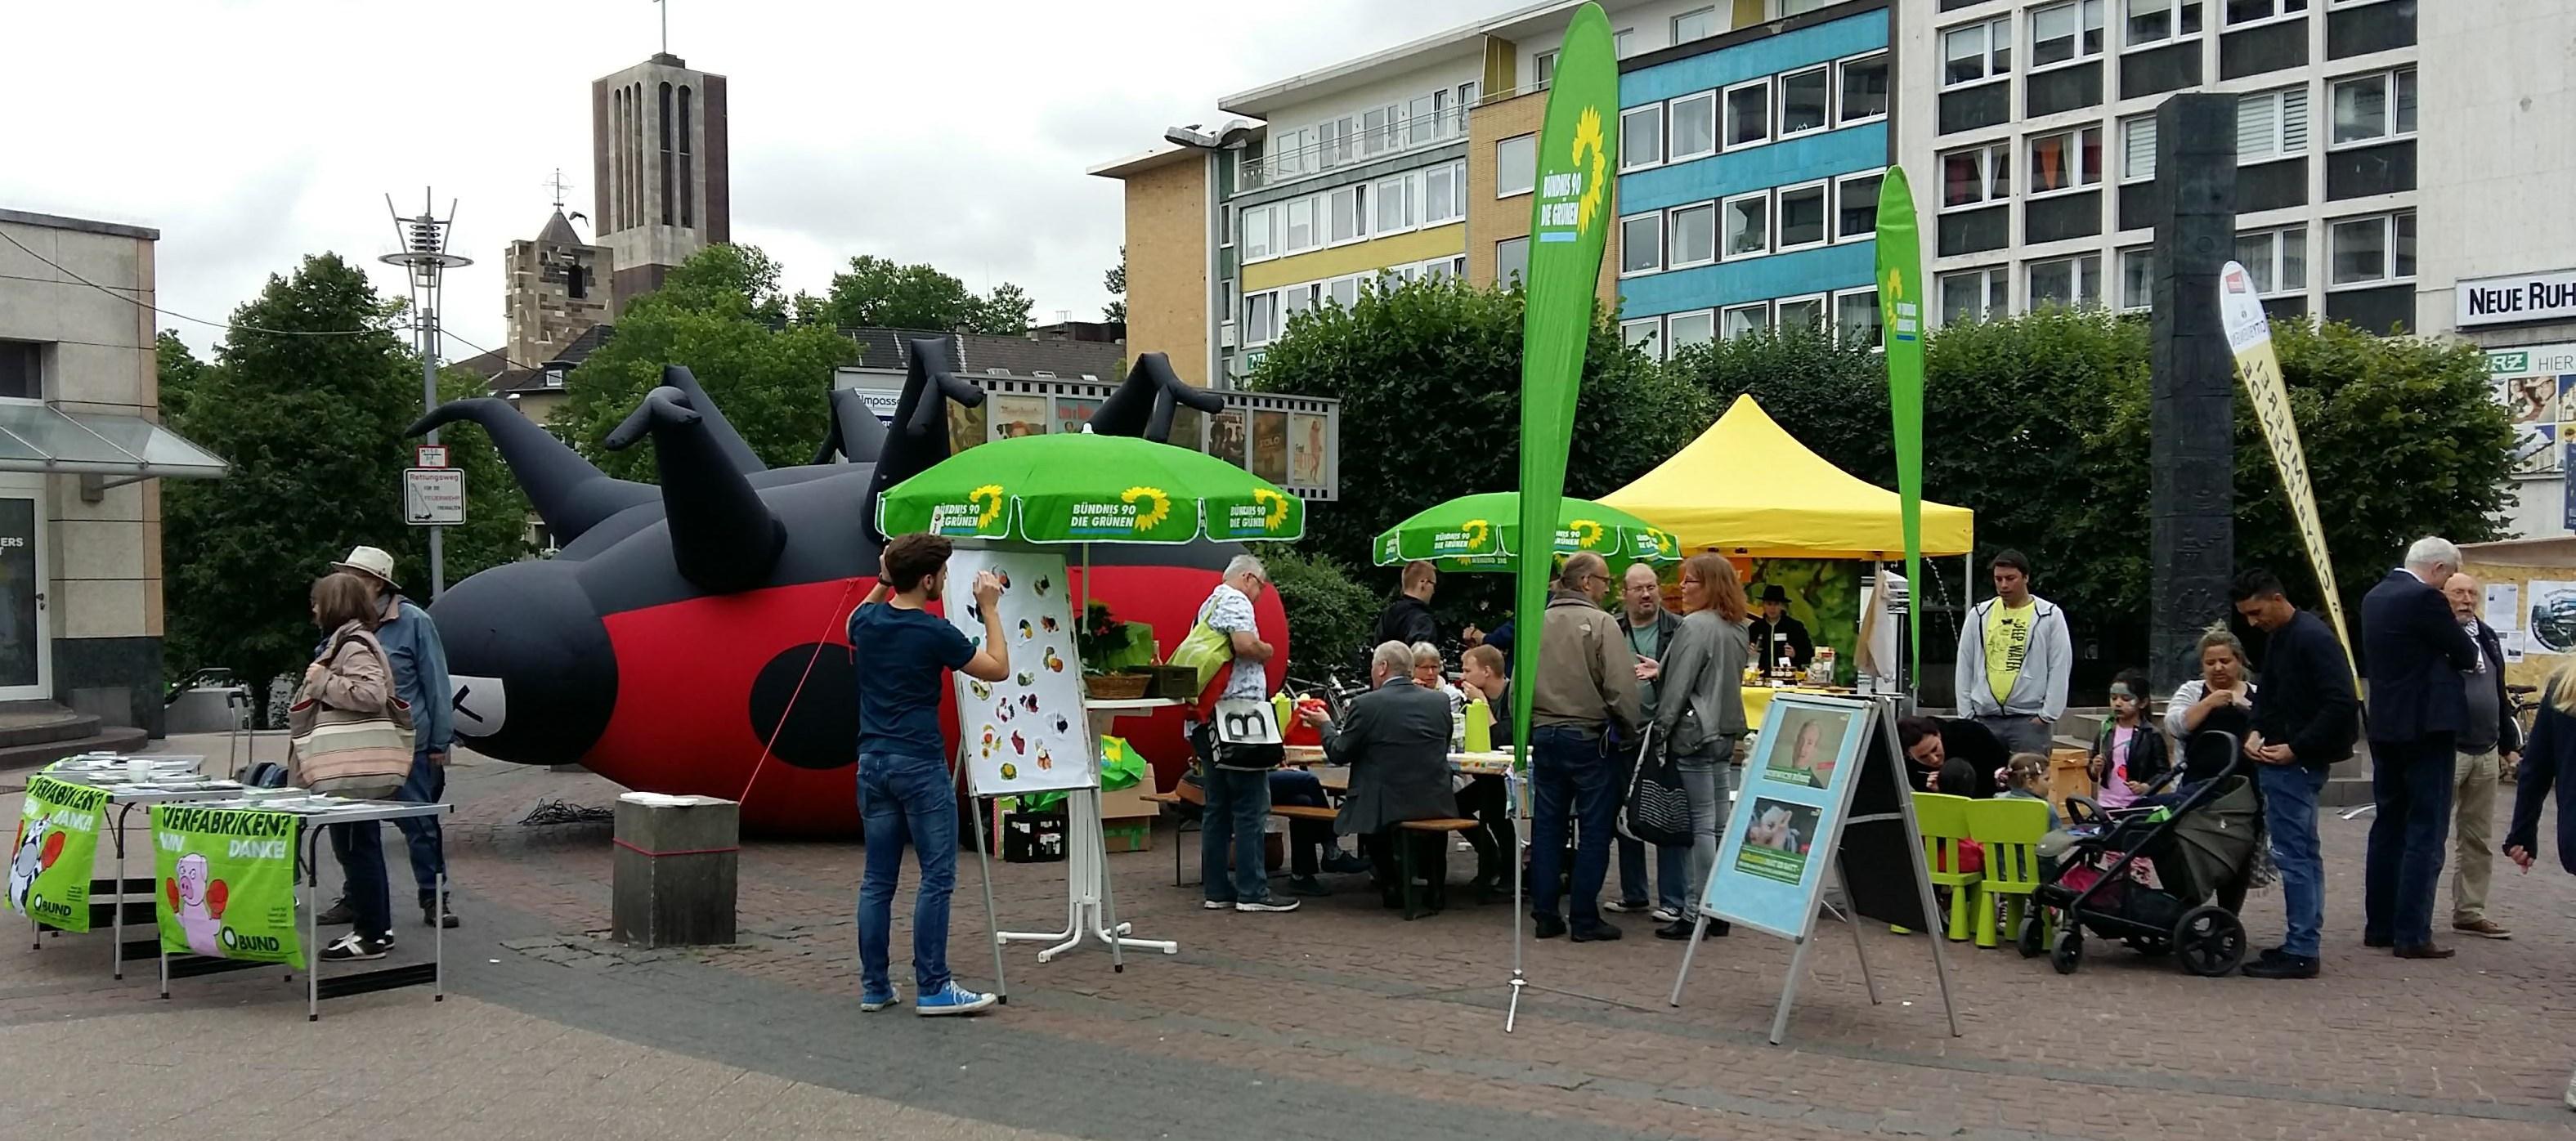 Aktionstag für eine nachhaltige Landwirtschaft in der Mülheimer Innenstadt